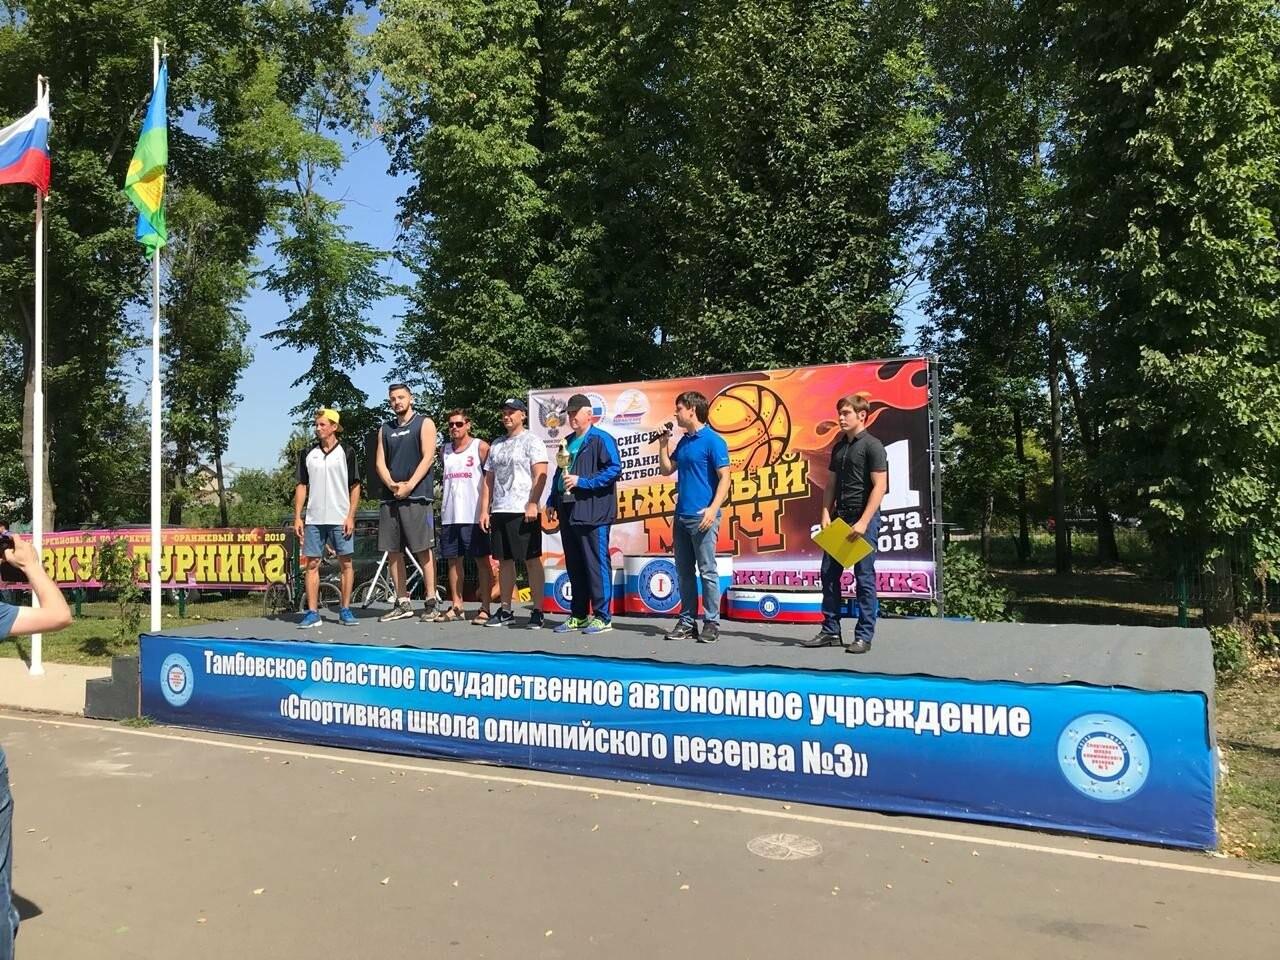 Фото: ТРОО Спортивная Федерация баскетбола